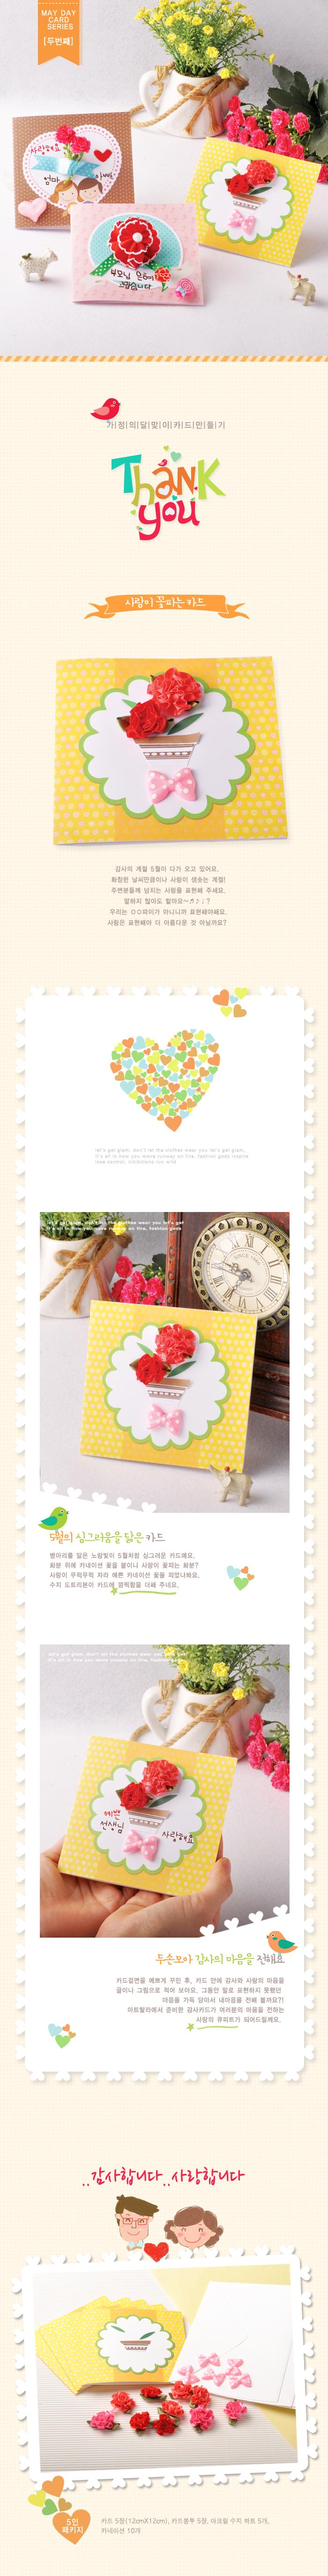 [사랑이 꽃피는 카드 5인용] /DIY/만들기 - 아트랄라, 6,000원, 카드, 감사 카드